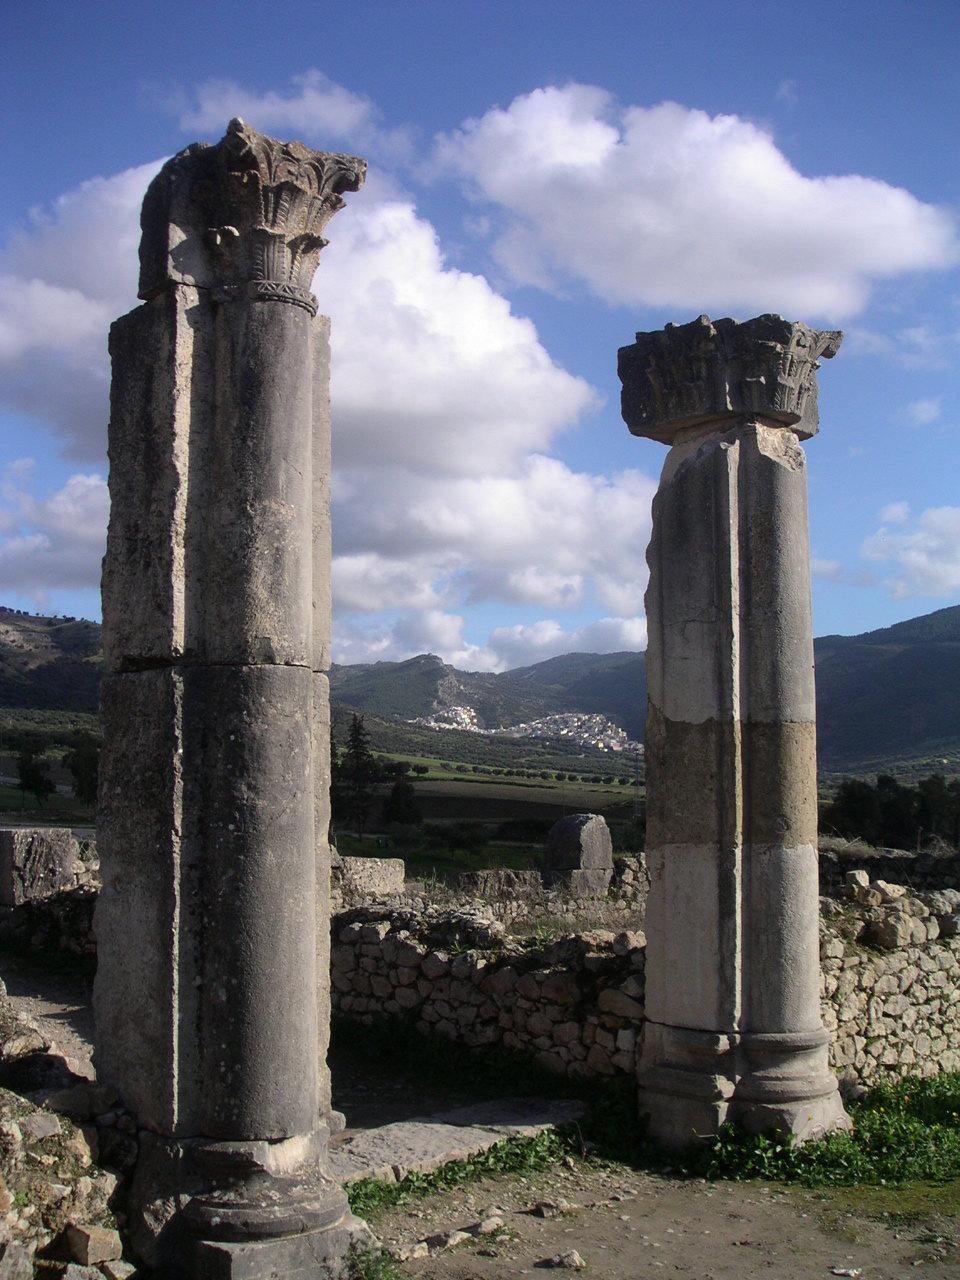 Vous visionnez les images de l'article : Villa de Volubilis